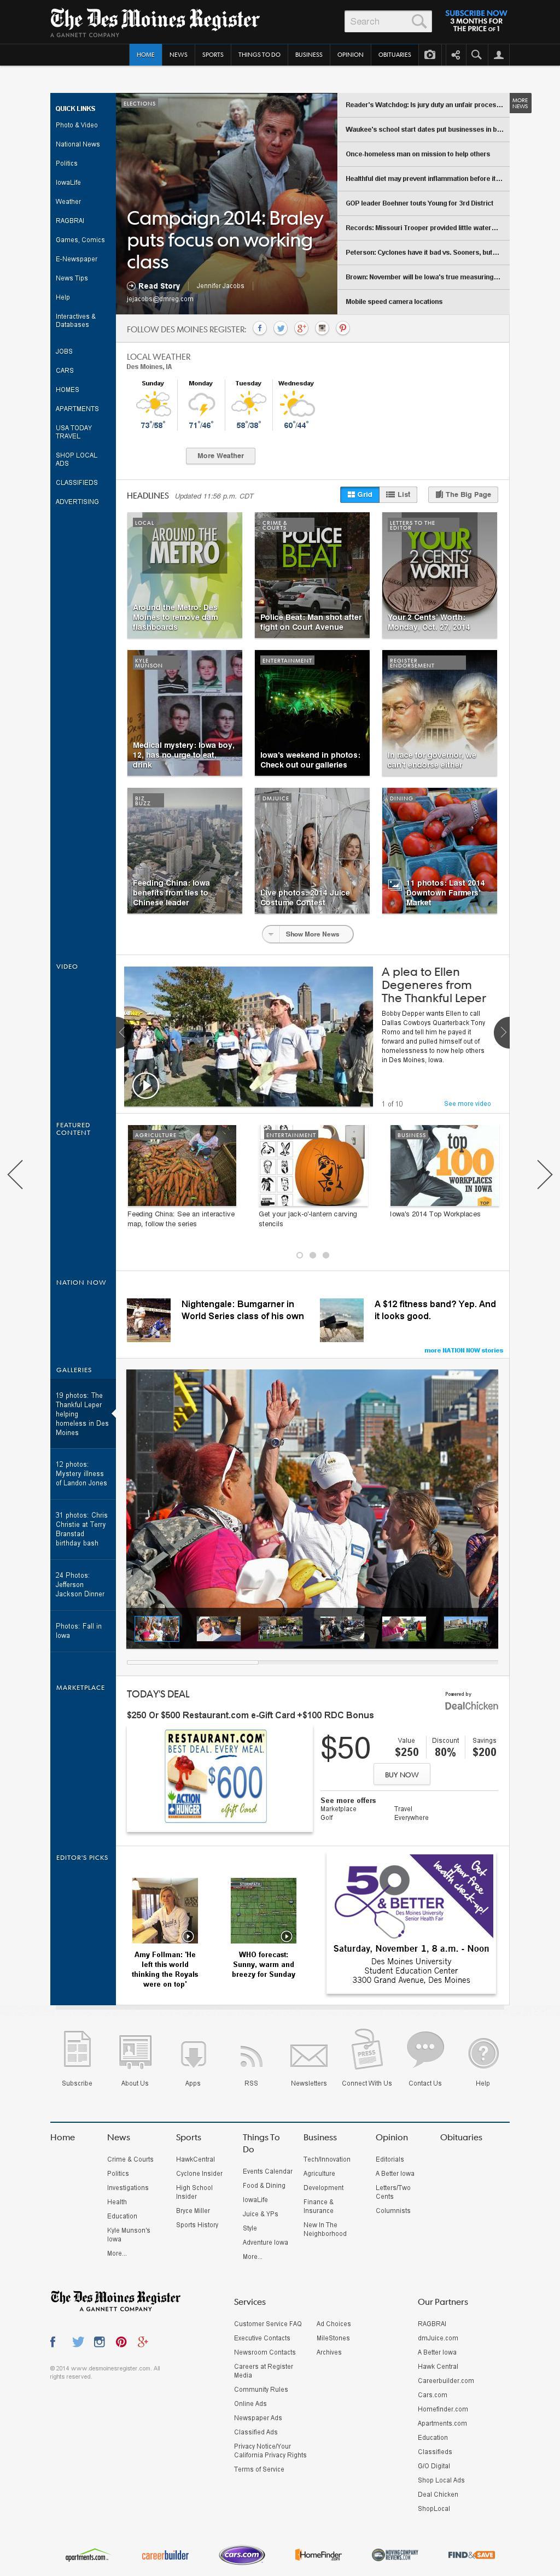 DesMoinesRegister.com at Monday Oct. 27, 2014, 5:03 a.m. UTC